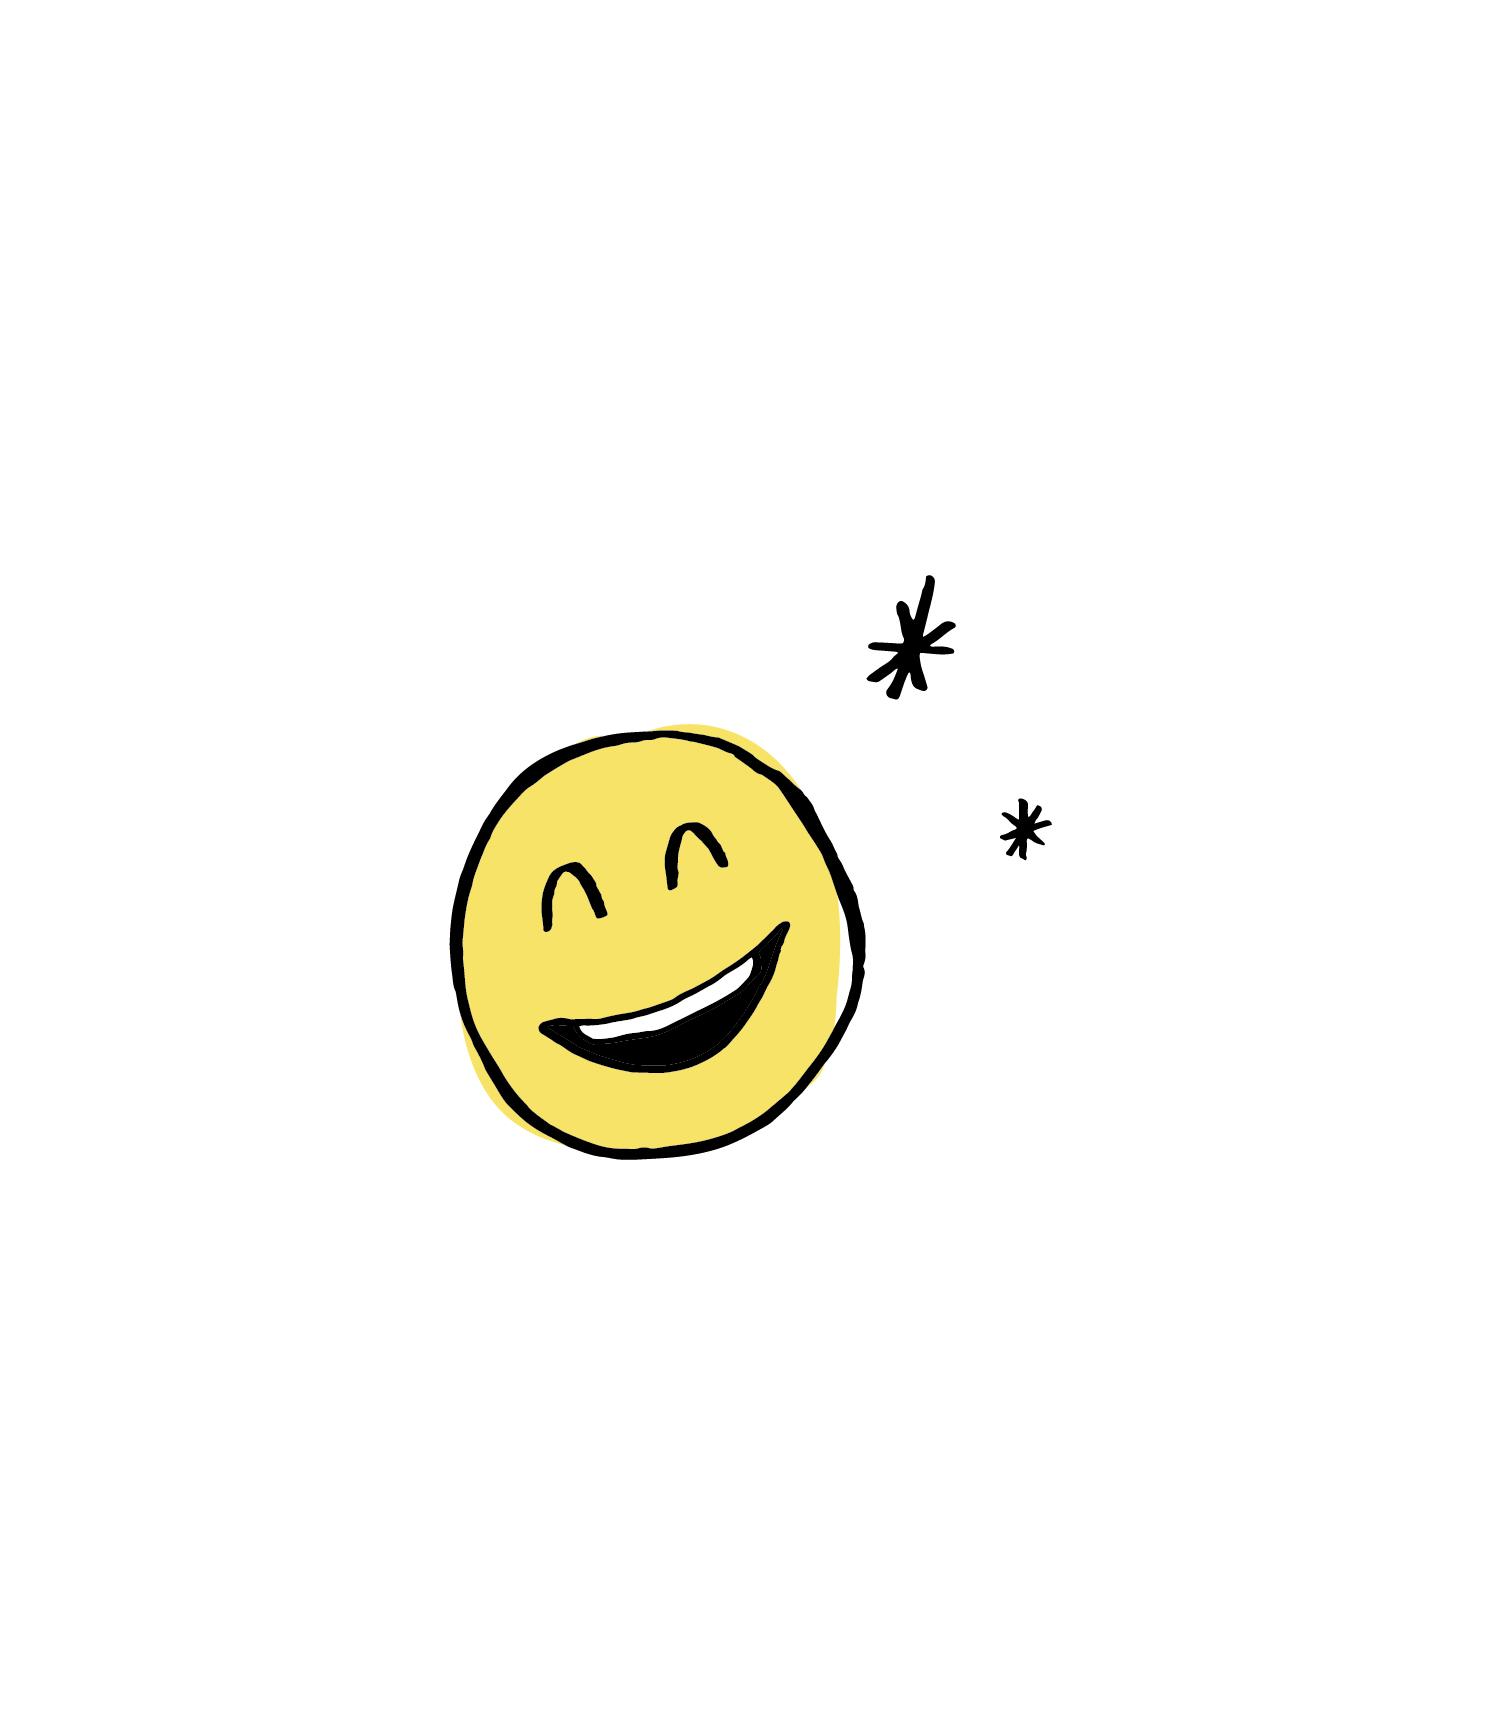 emoji2-03.jpg